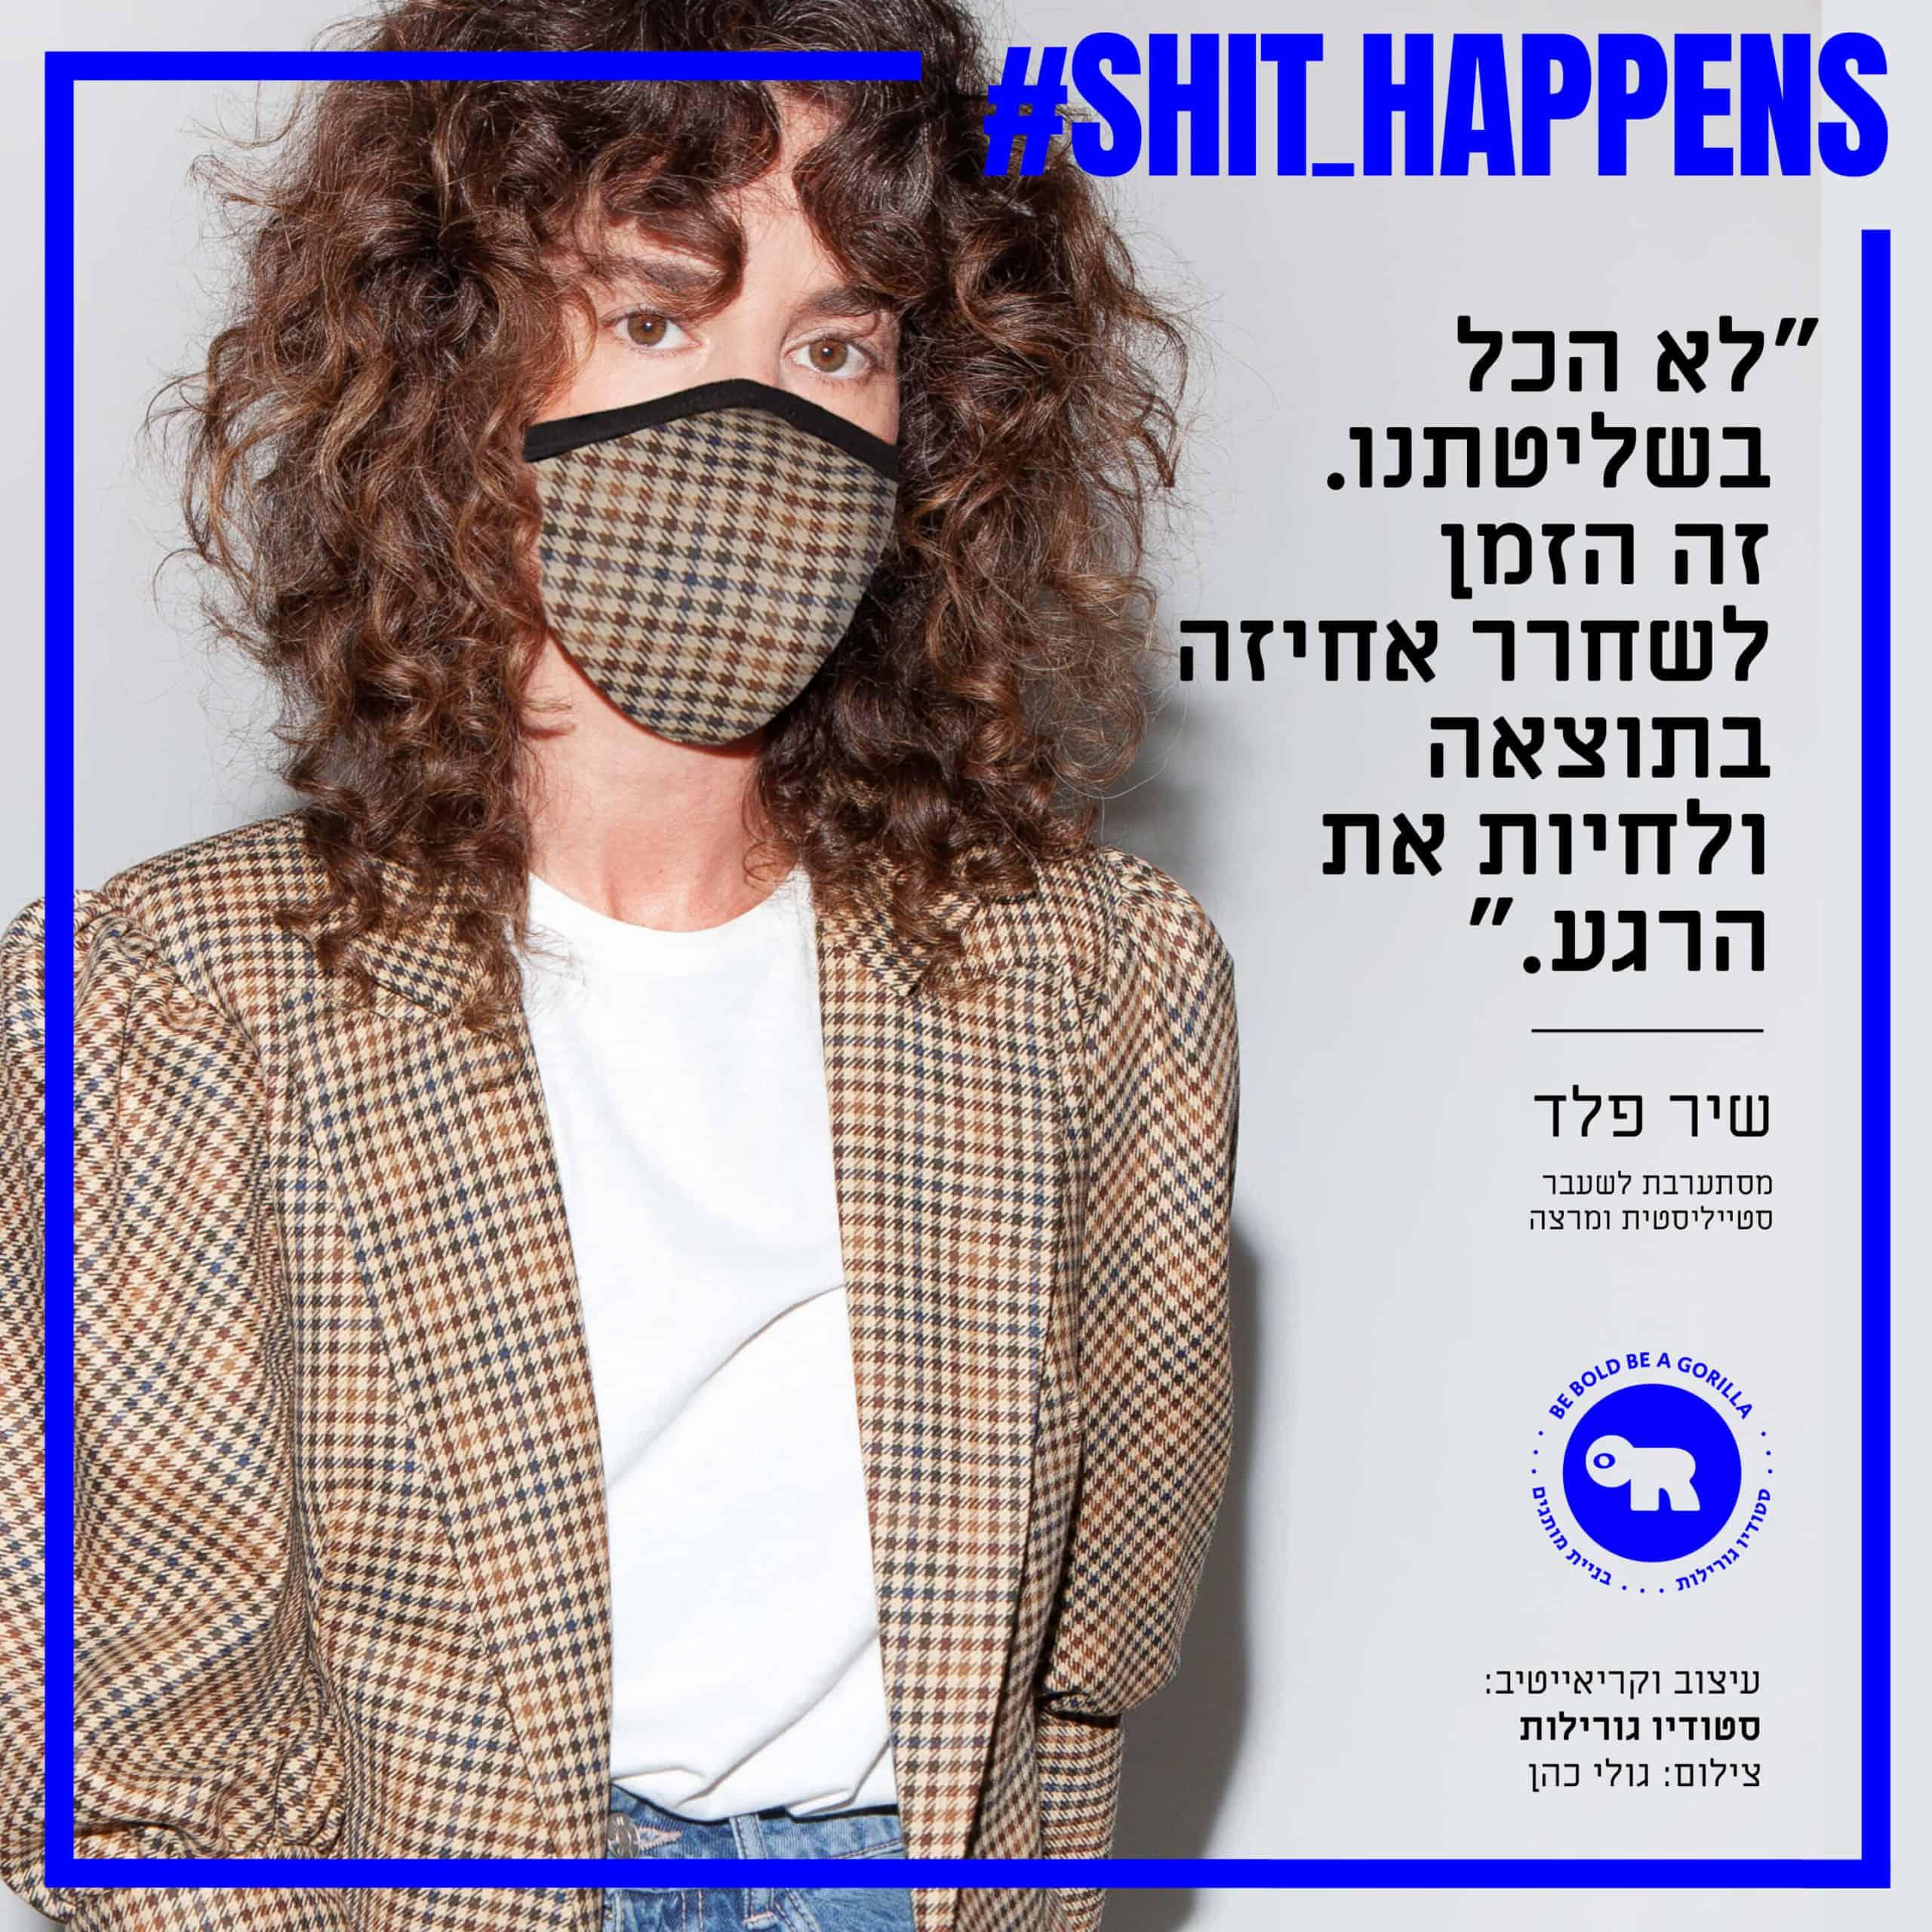 תמונה של שיר פלד מתוך הקמפיין ״שיט הפנדס״